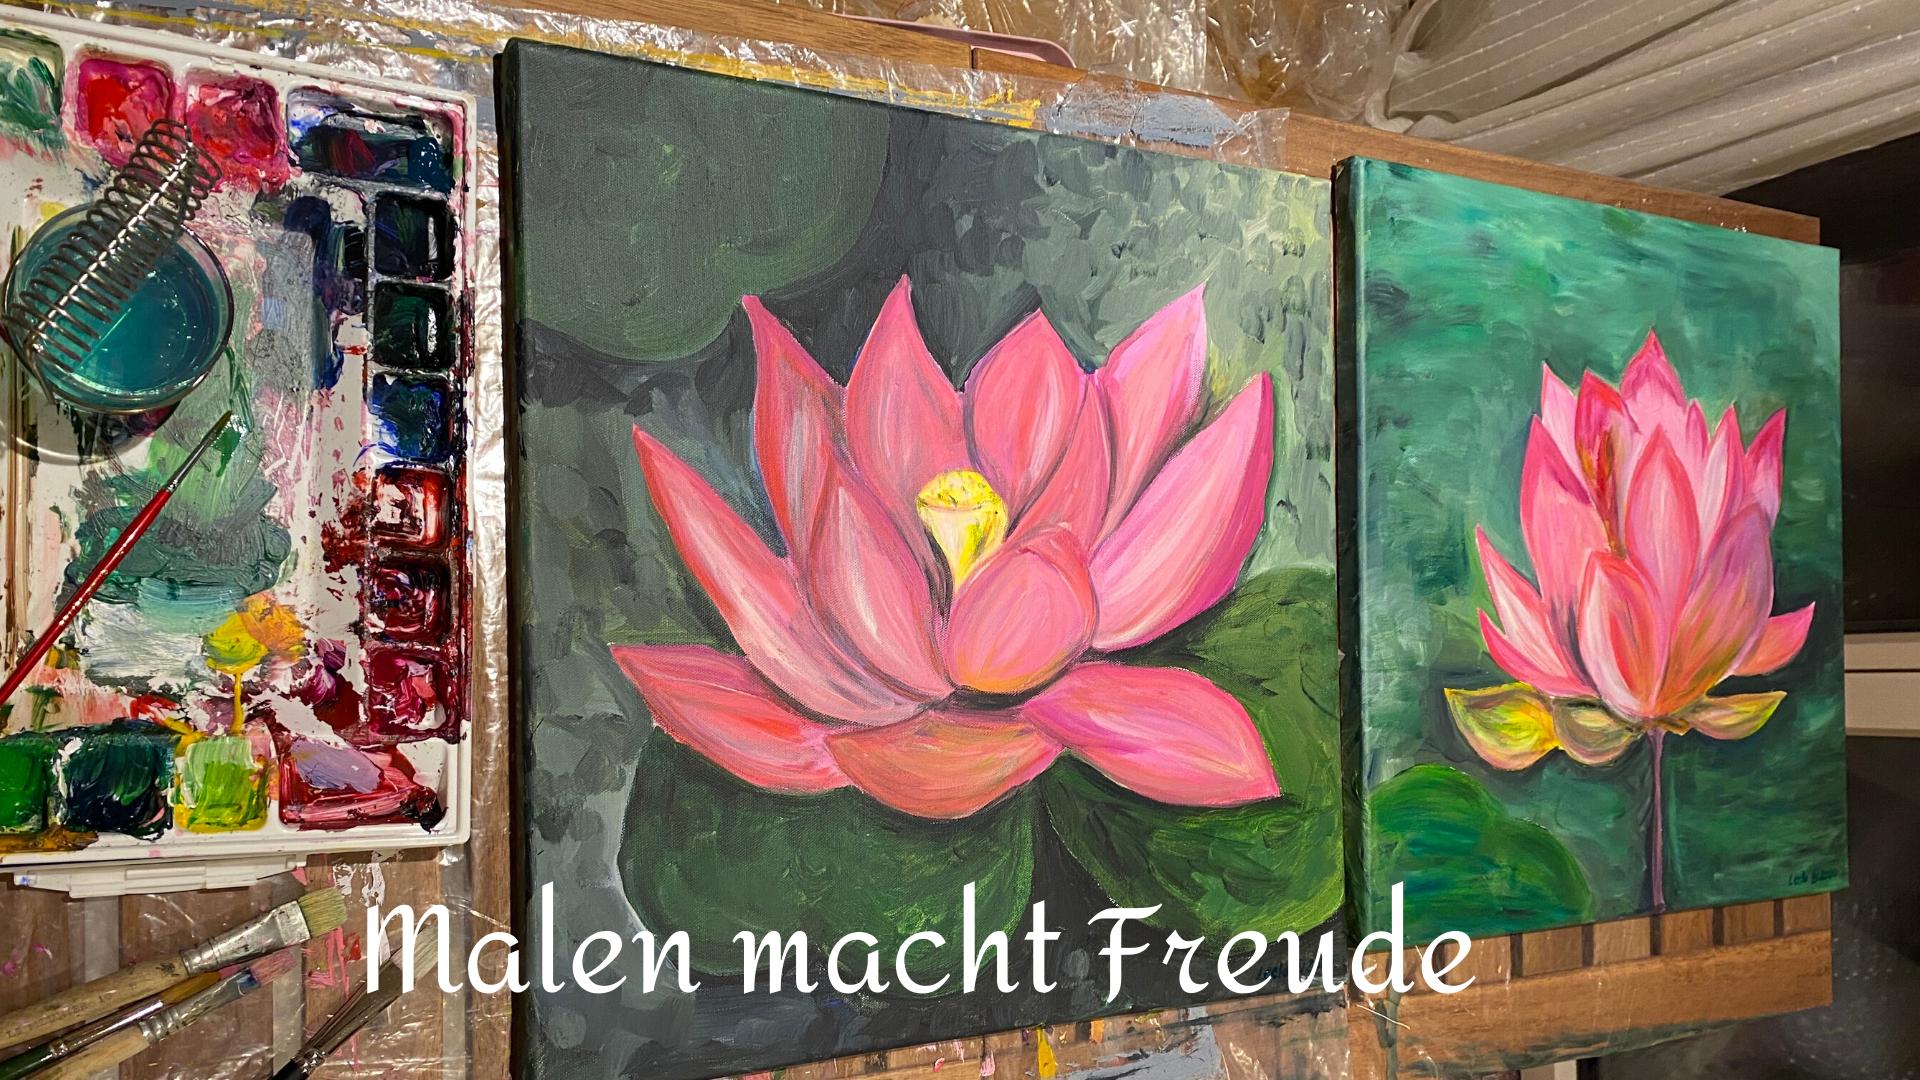 Malen macht Freude